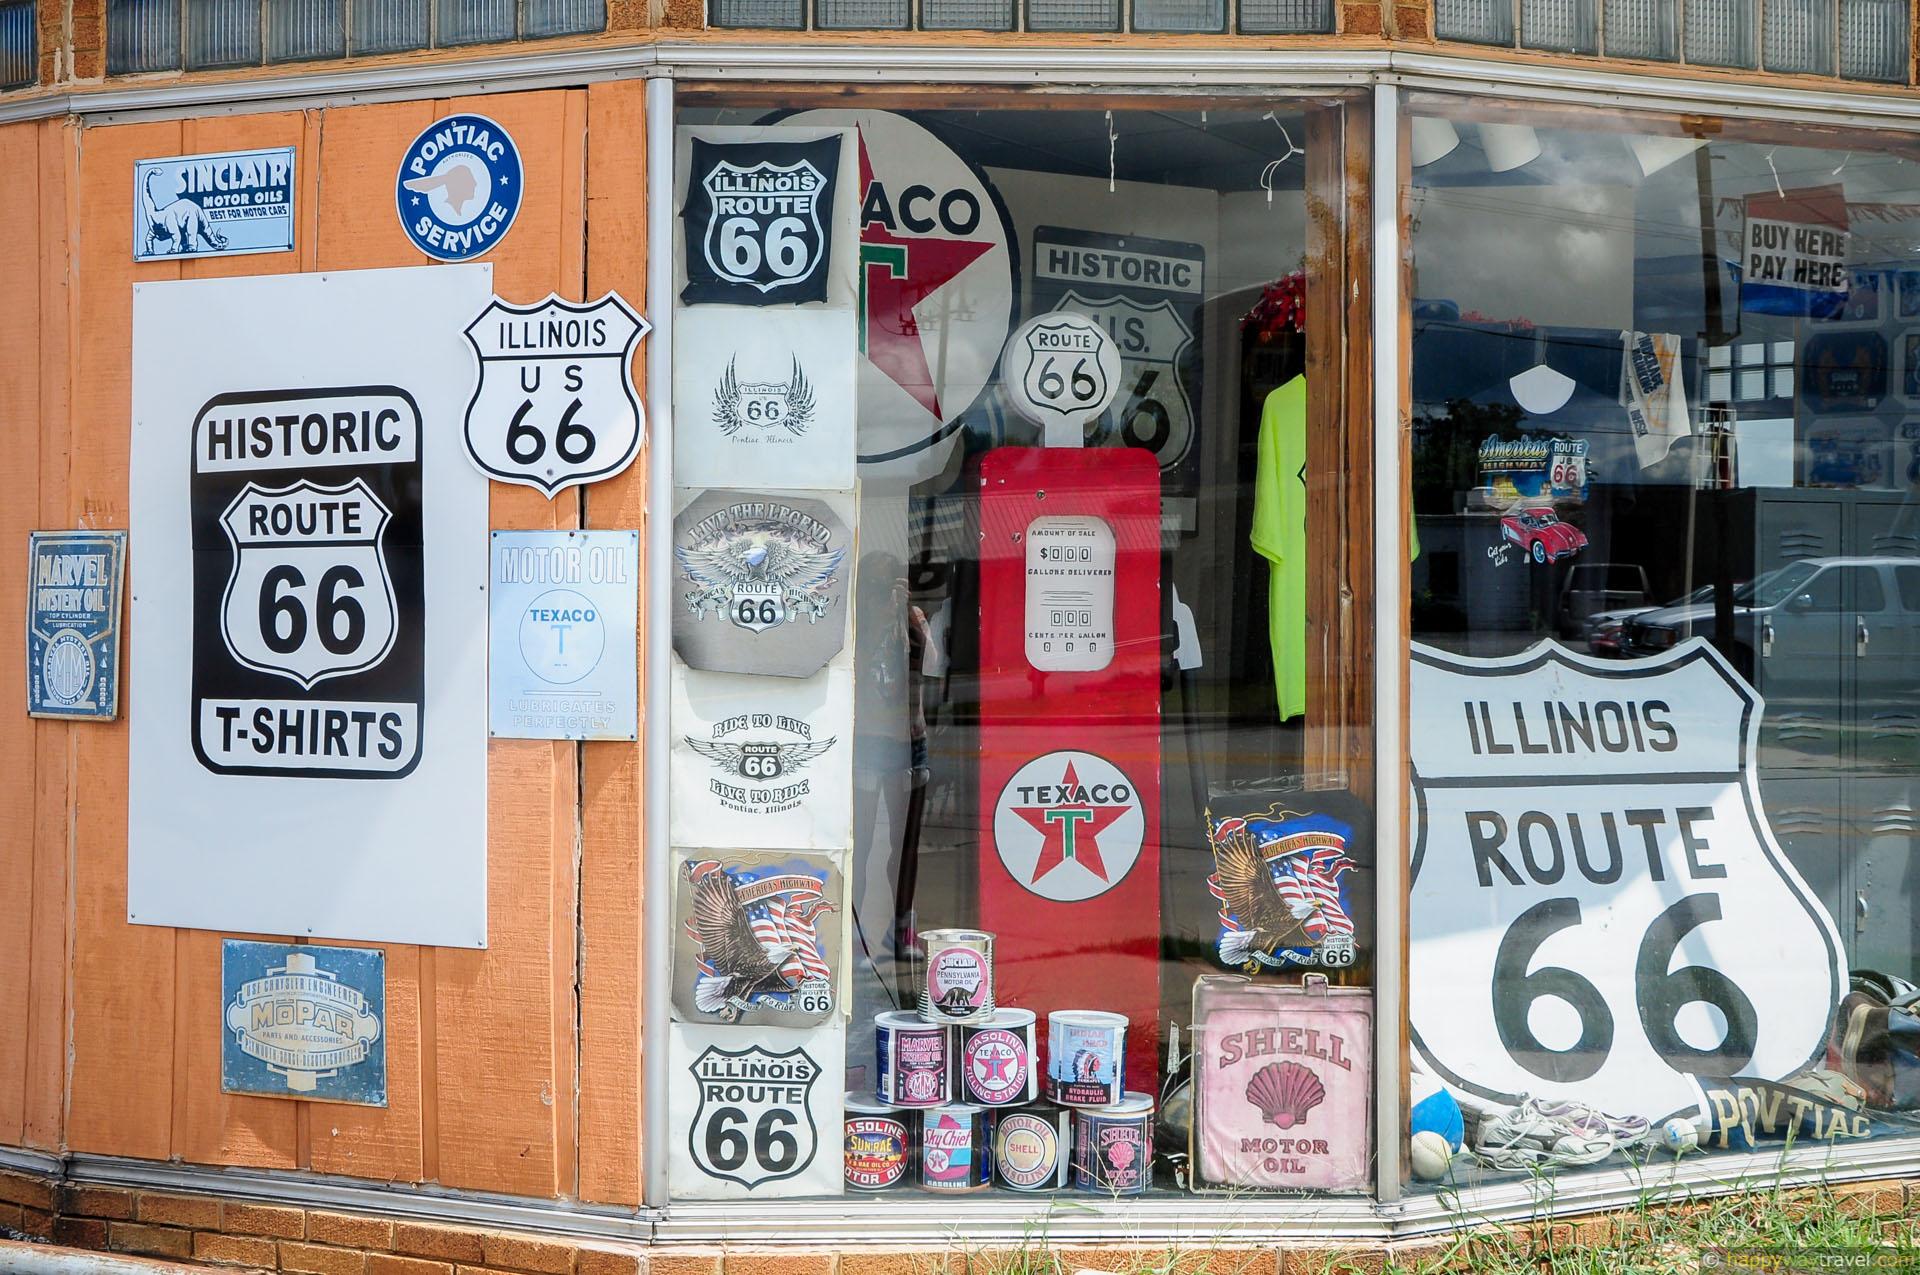 pontiac route 66 illinois